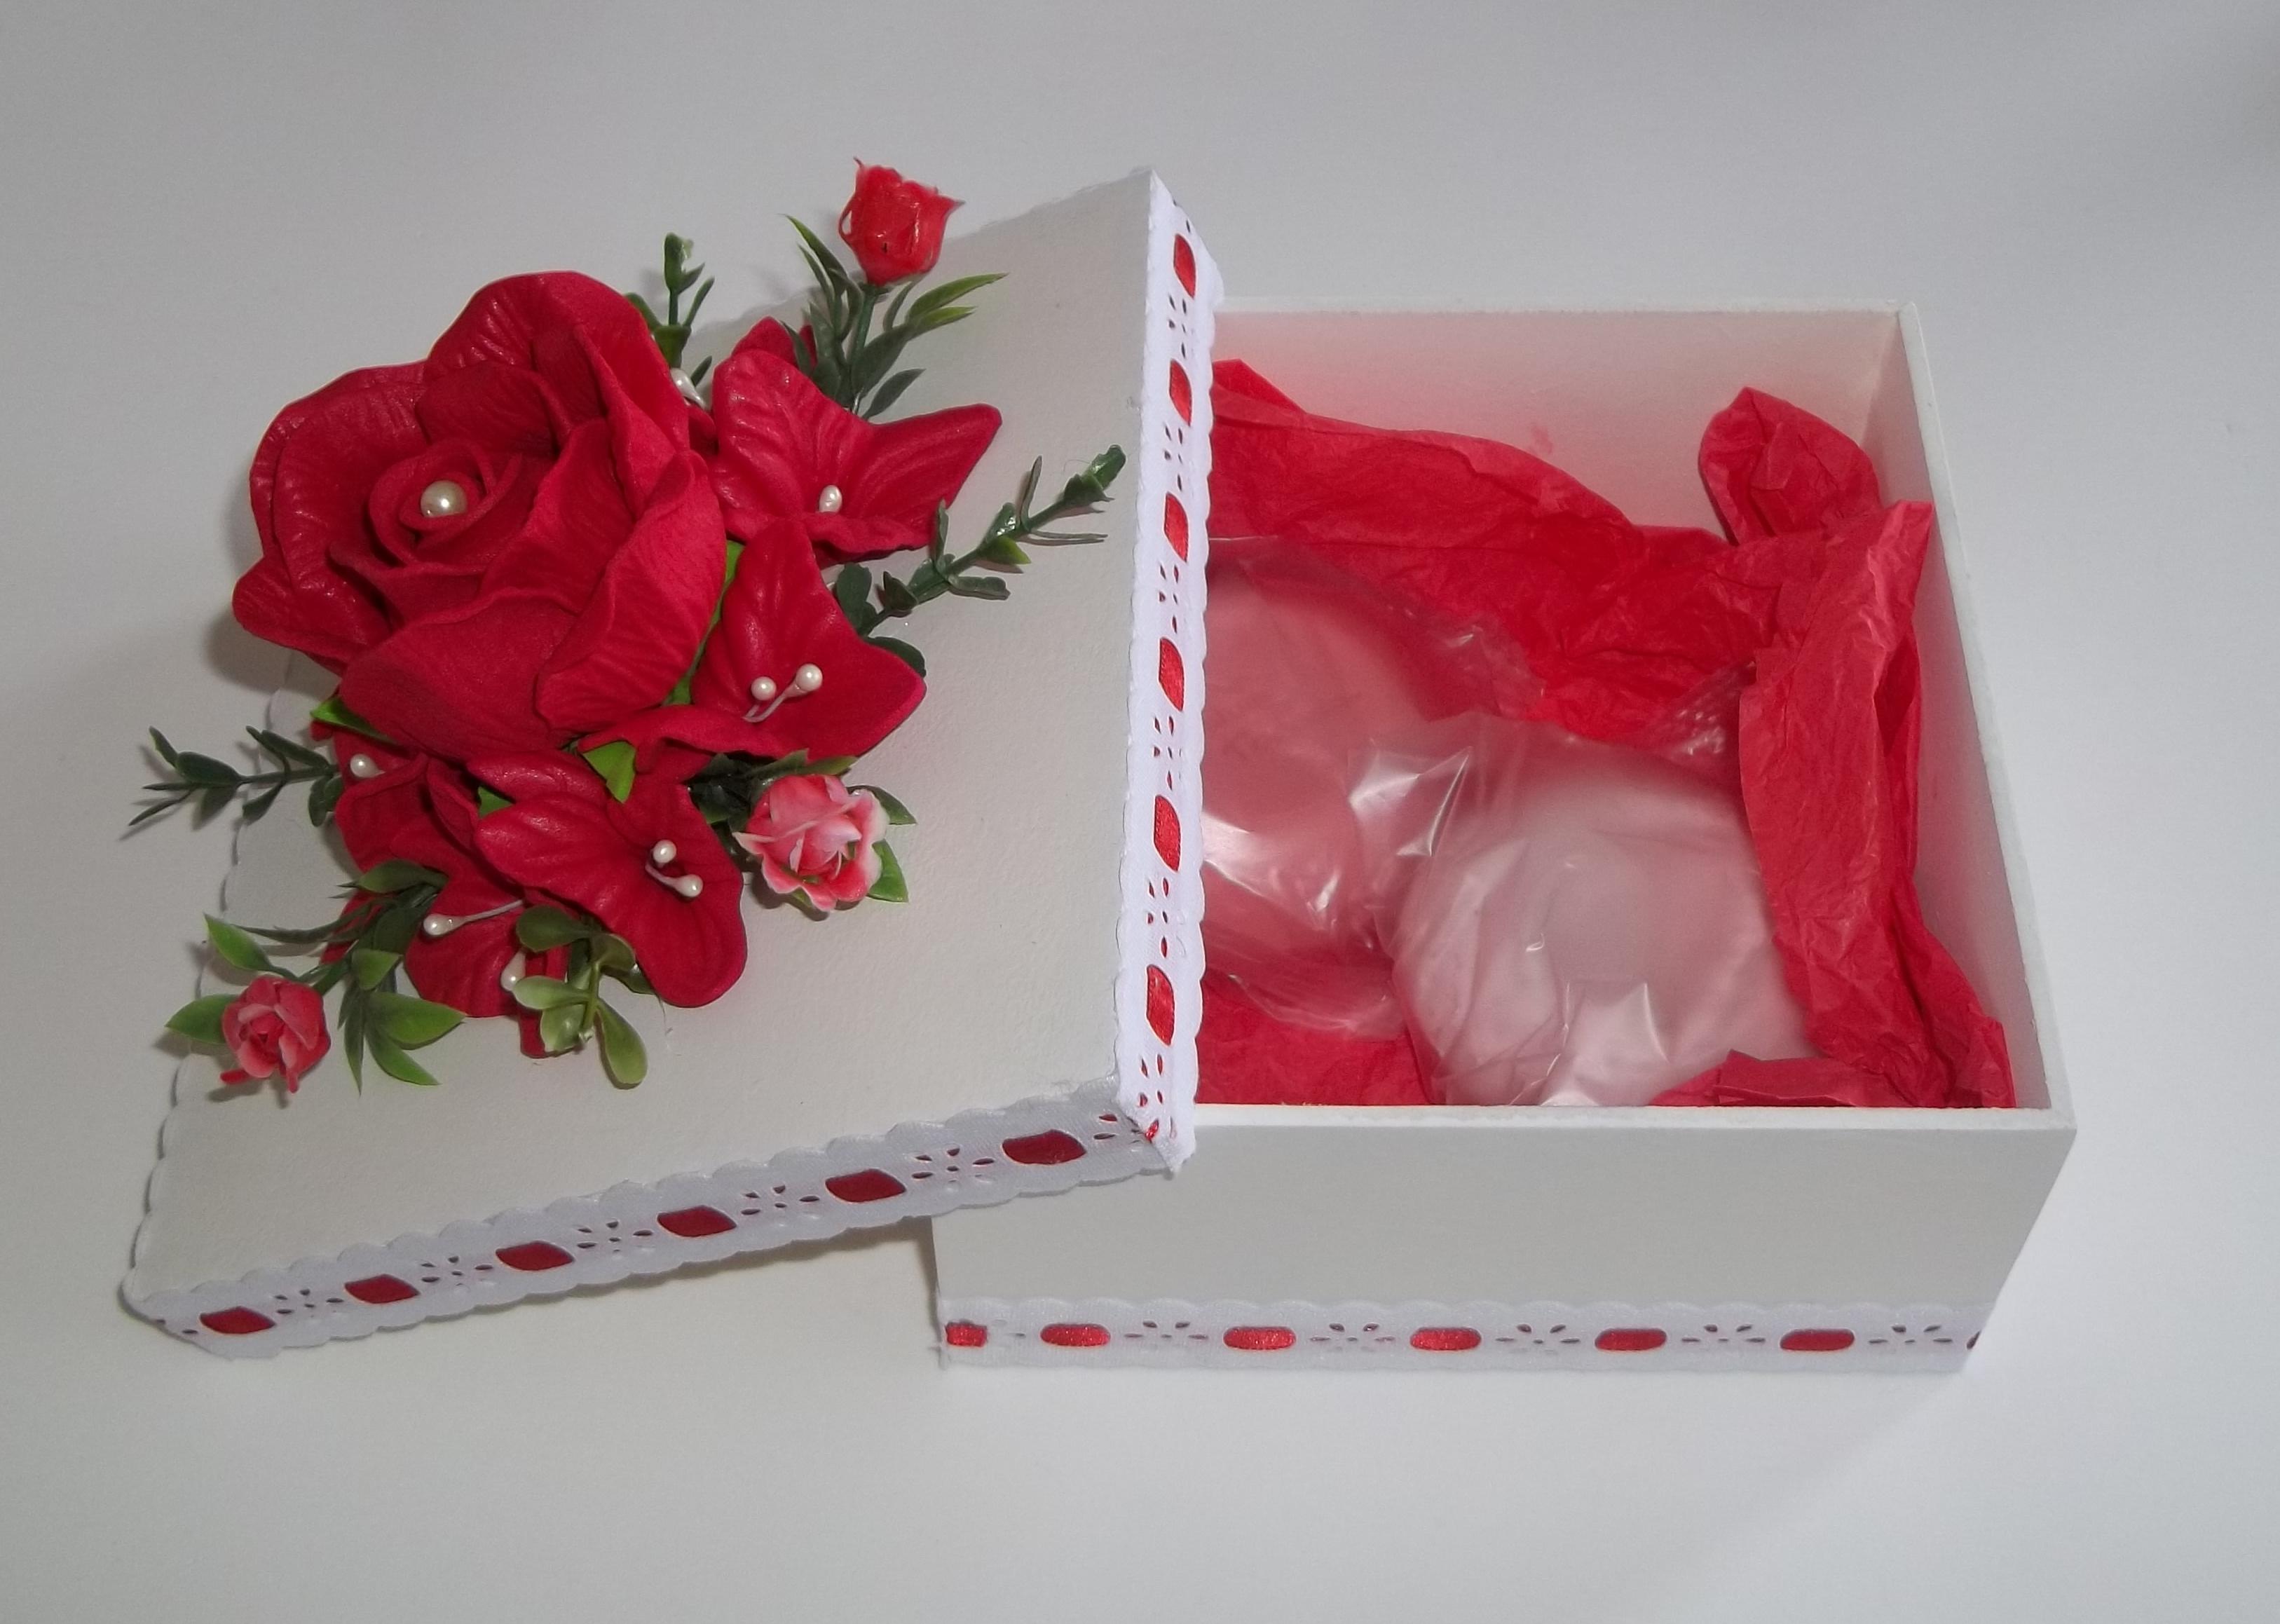 Caixa em Mdf Decorada com Flores em Eva Idéias e Cores Decor Elo7 #8E1225 3253x2317